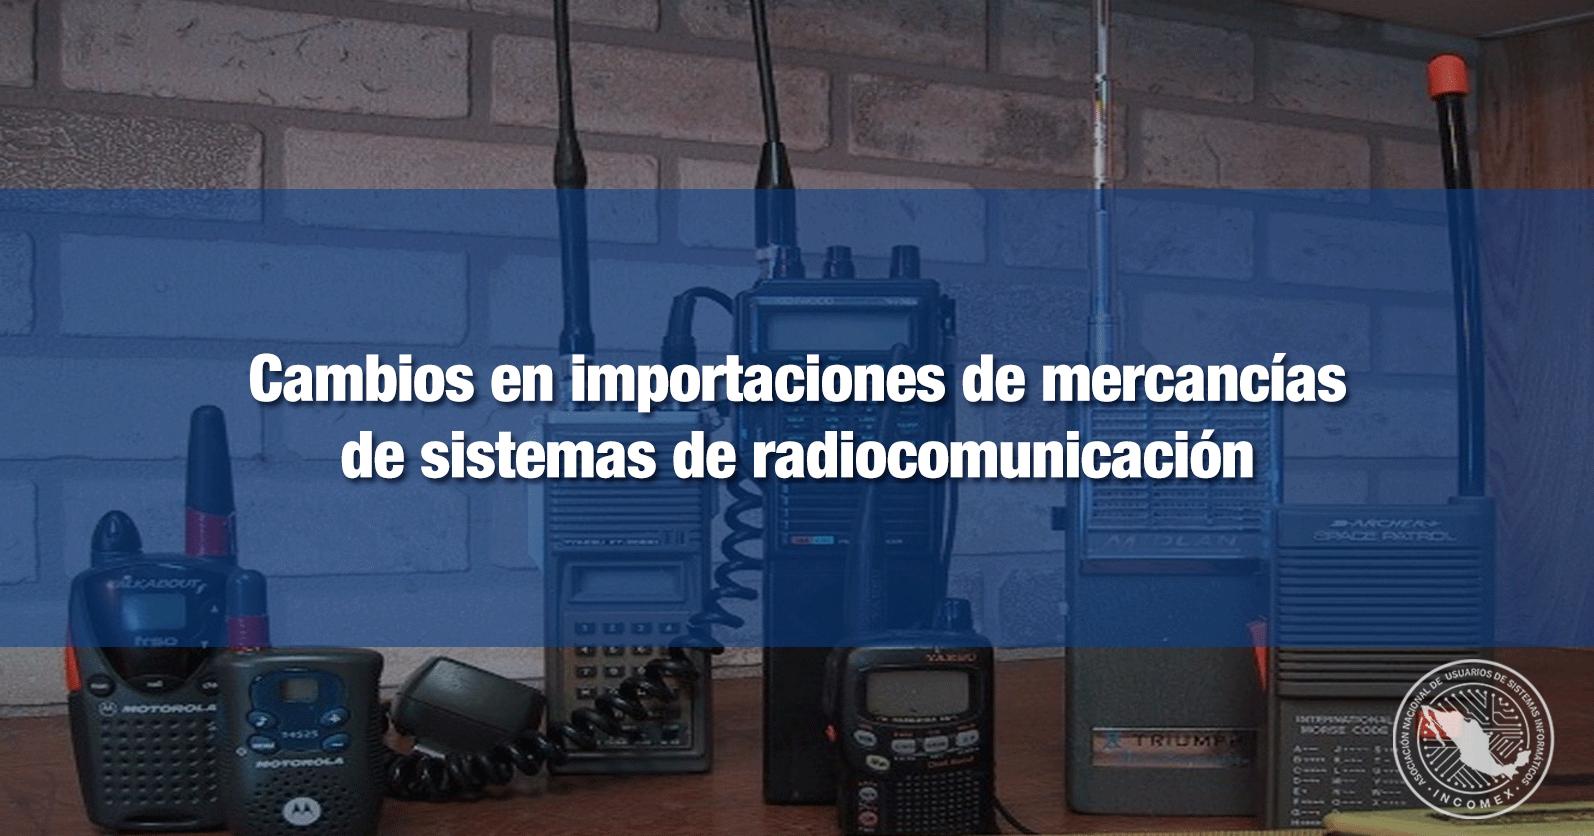 Cambios en importaciones de mercancías de sistemas de radiocomunicación